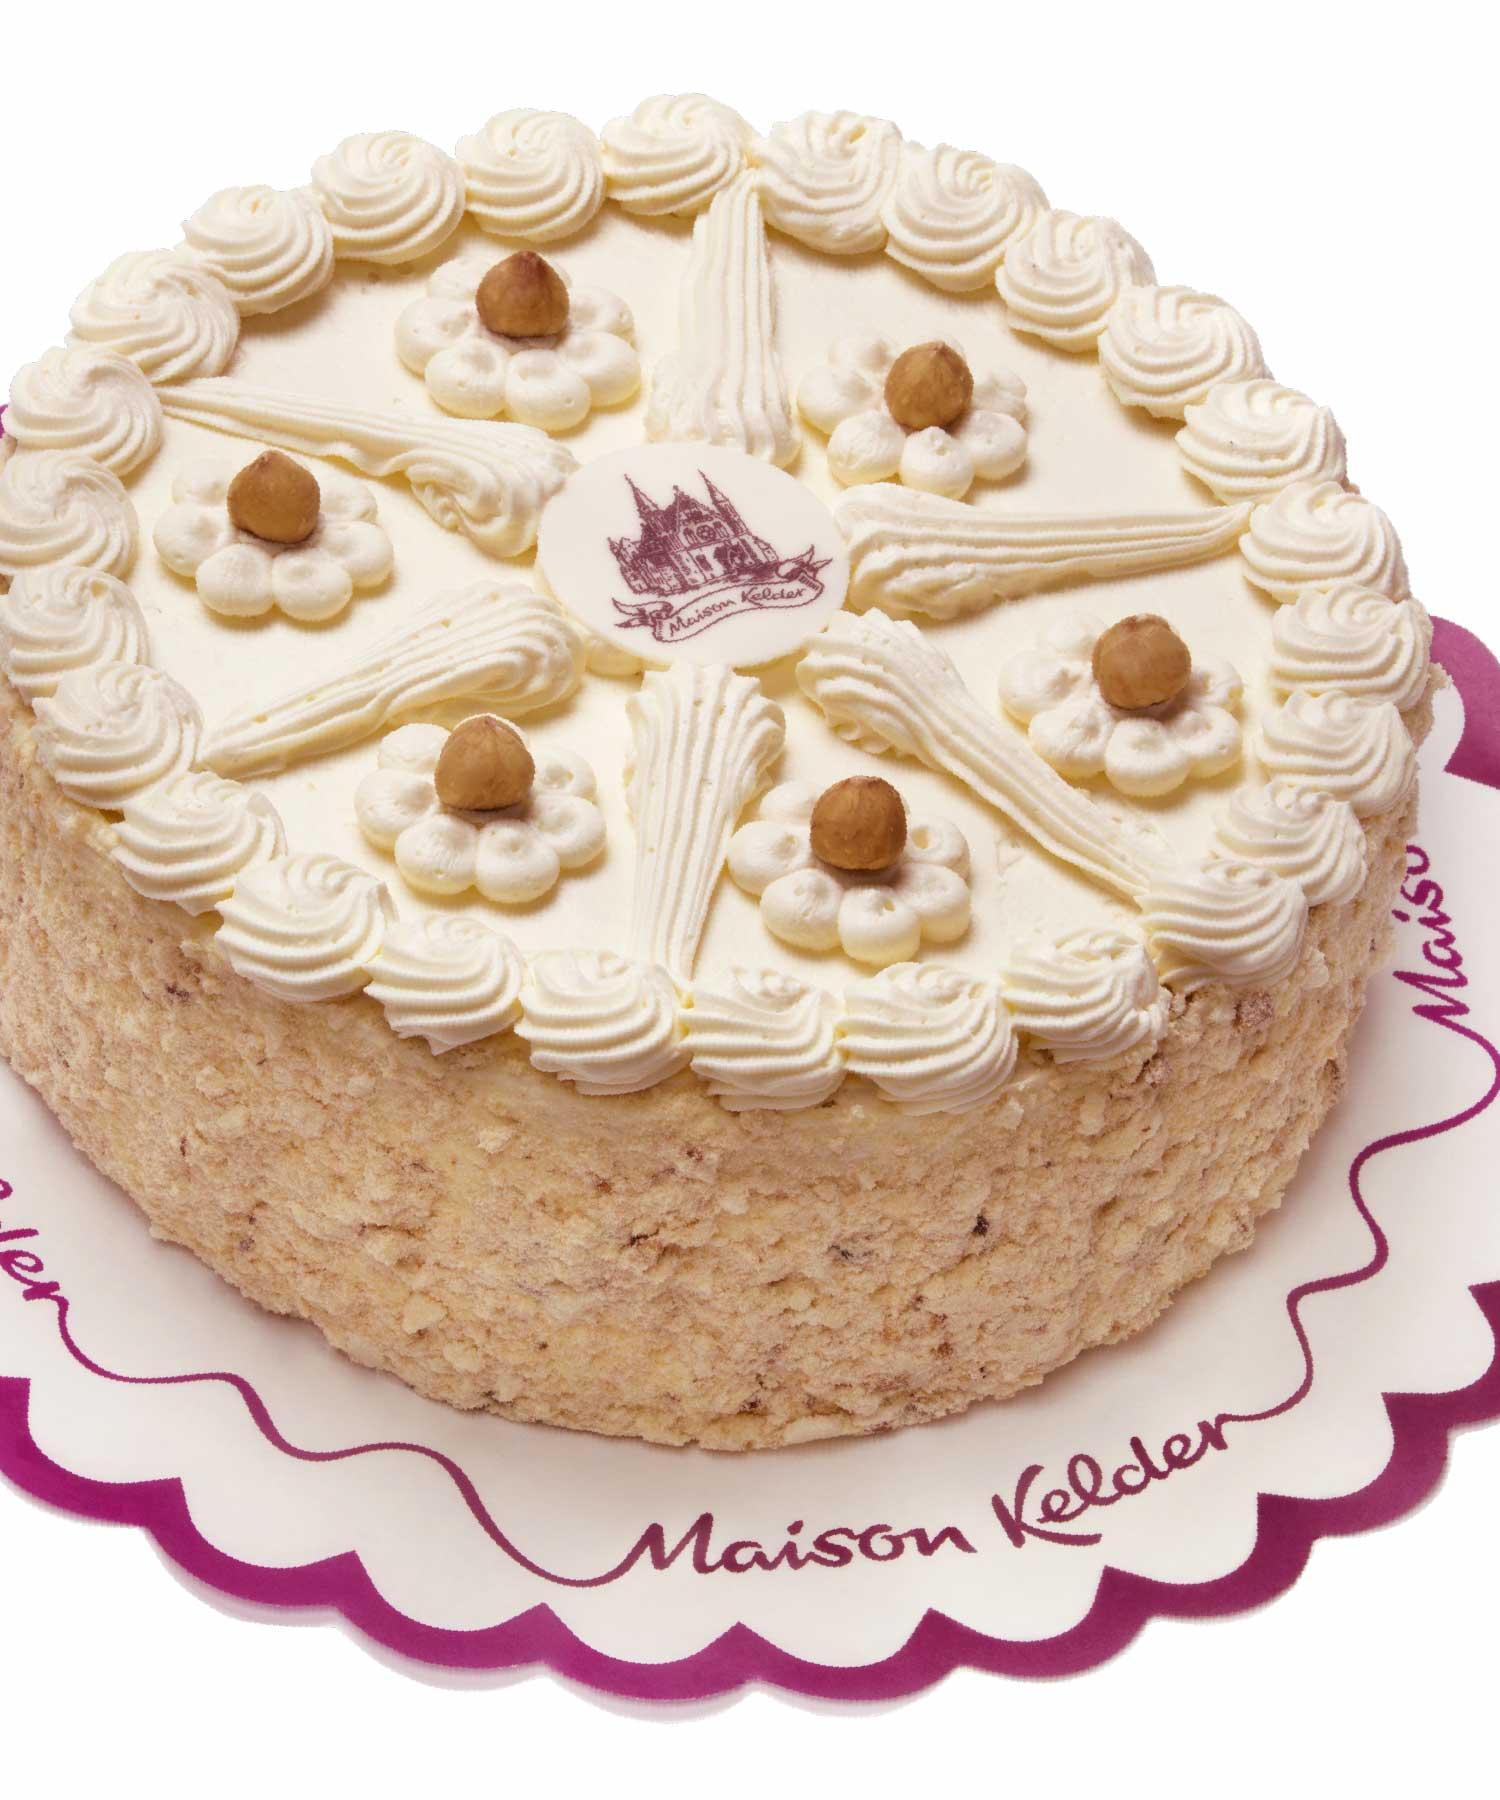 Maison Kelder hazelnoot taart M-space